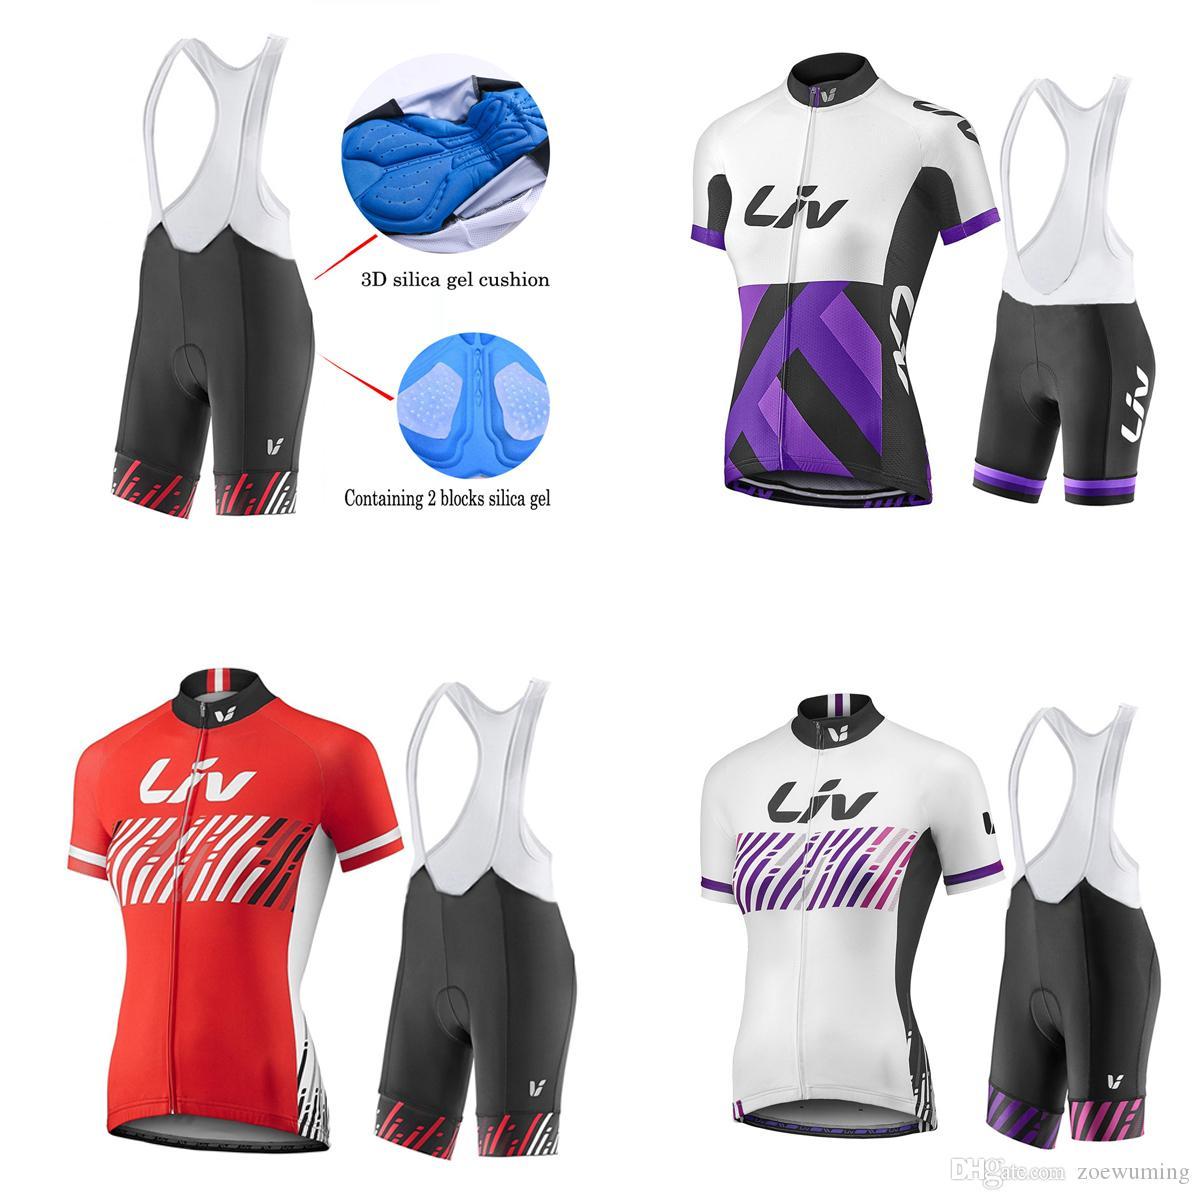 Ensemble de 3 modèles de maillots de cyclisme d'été pour femmes / équipe professionnelle de cyclisme à manches courtes / Ropa Maillot Ciclismo vélo pad de gel pour VTT